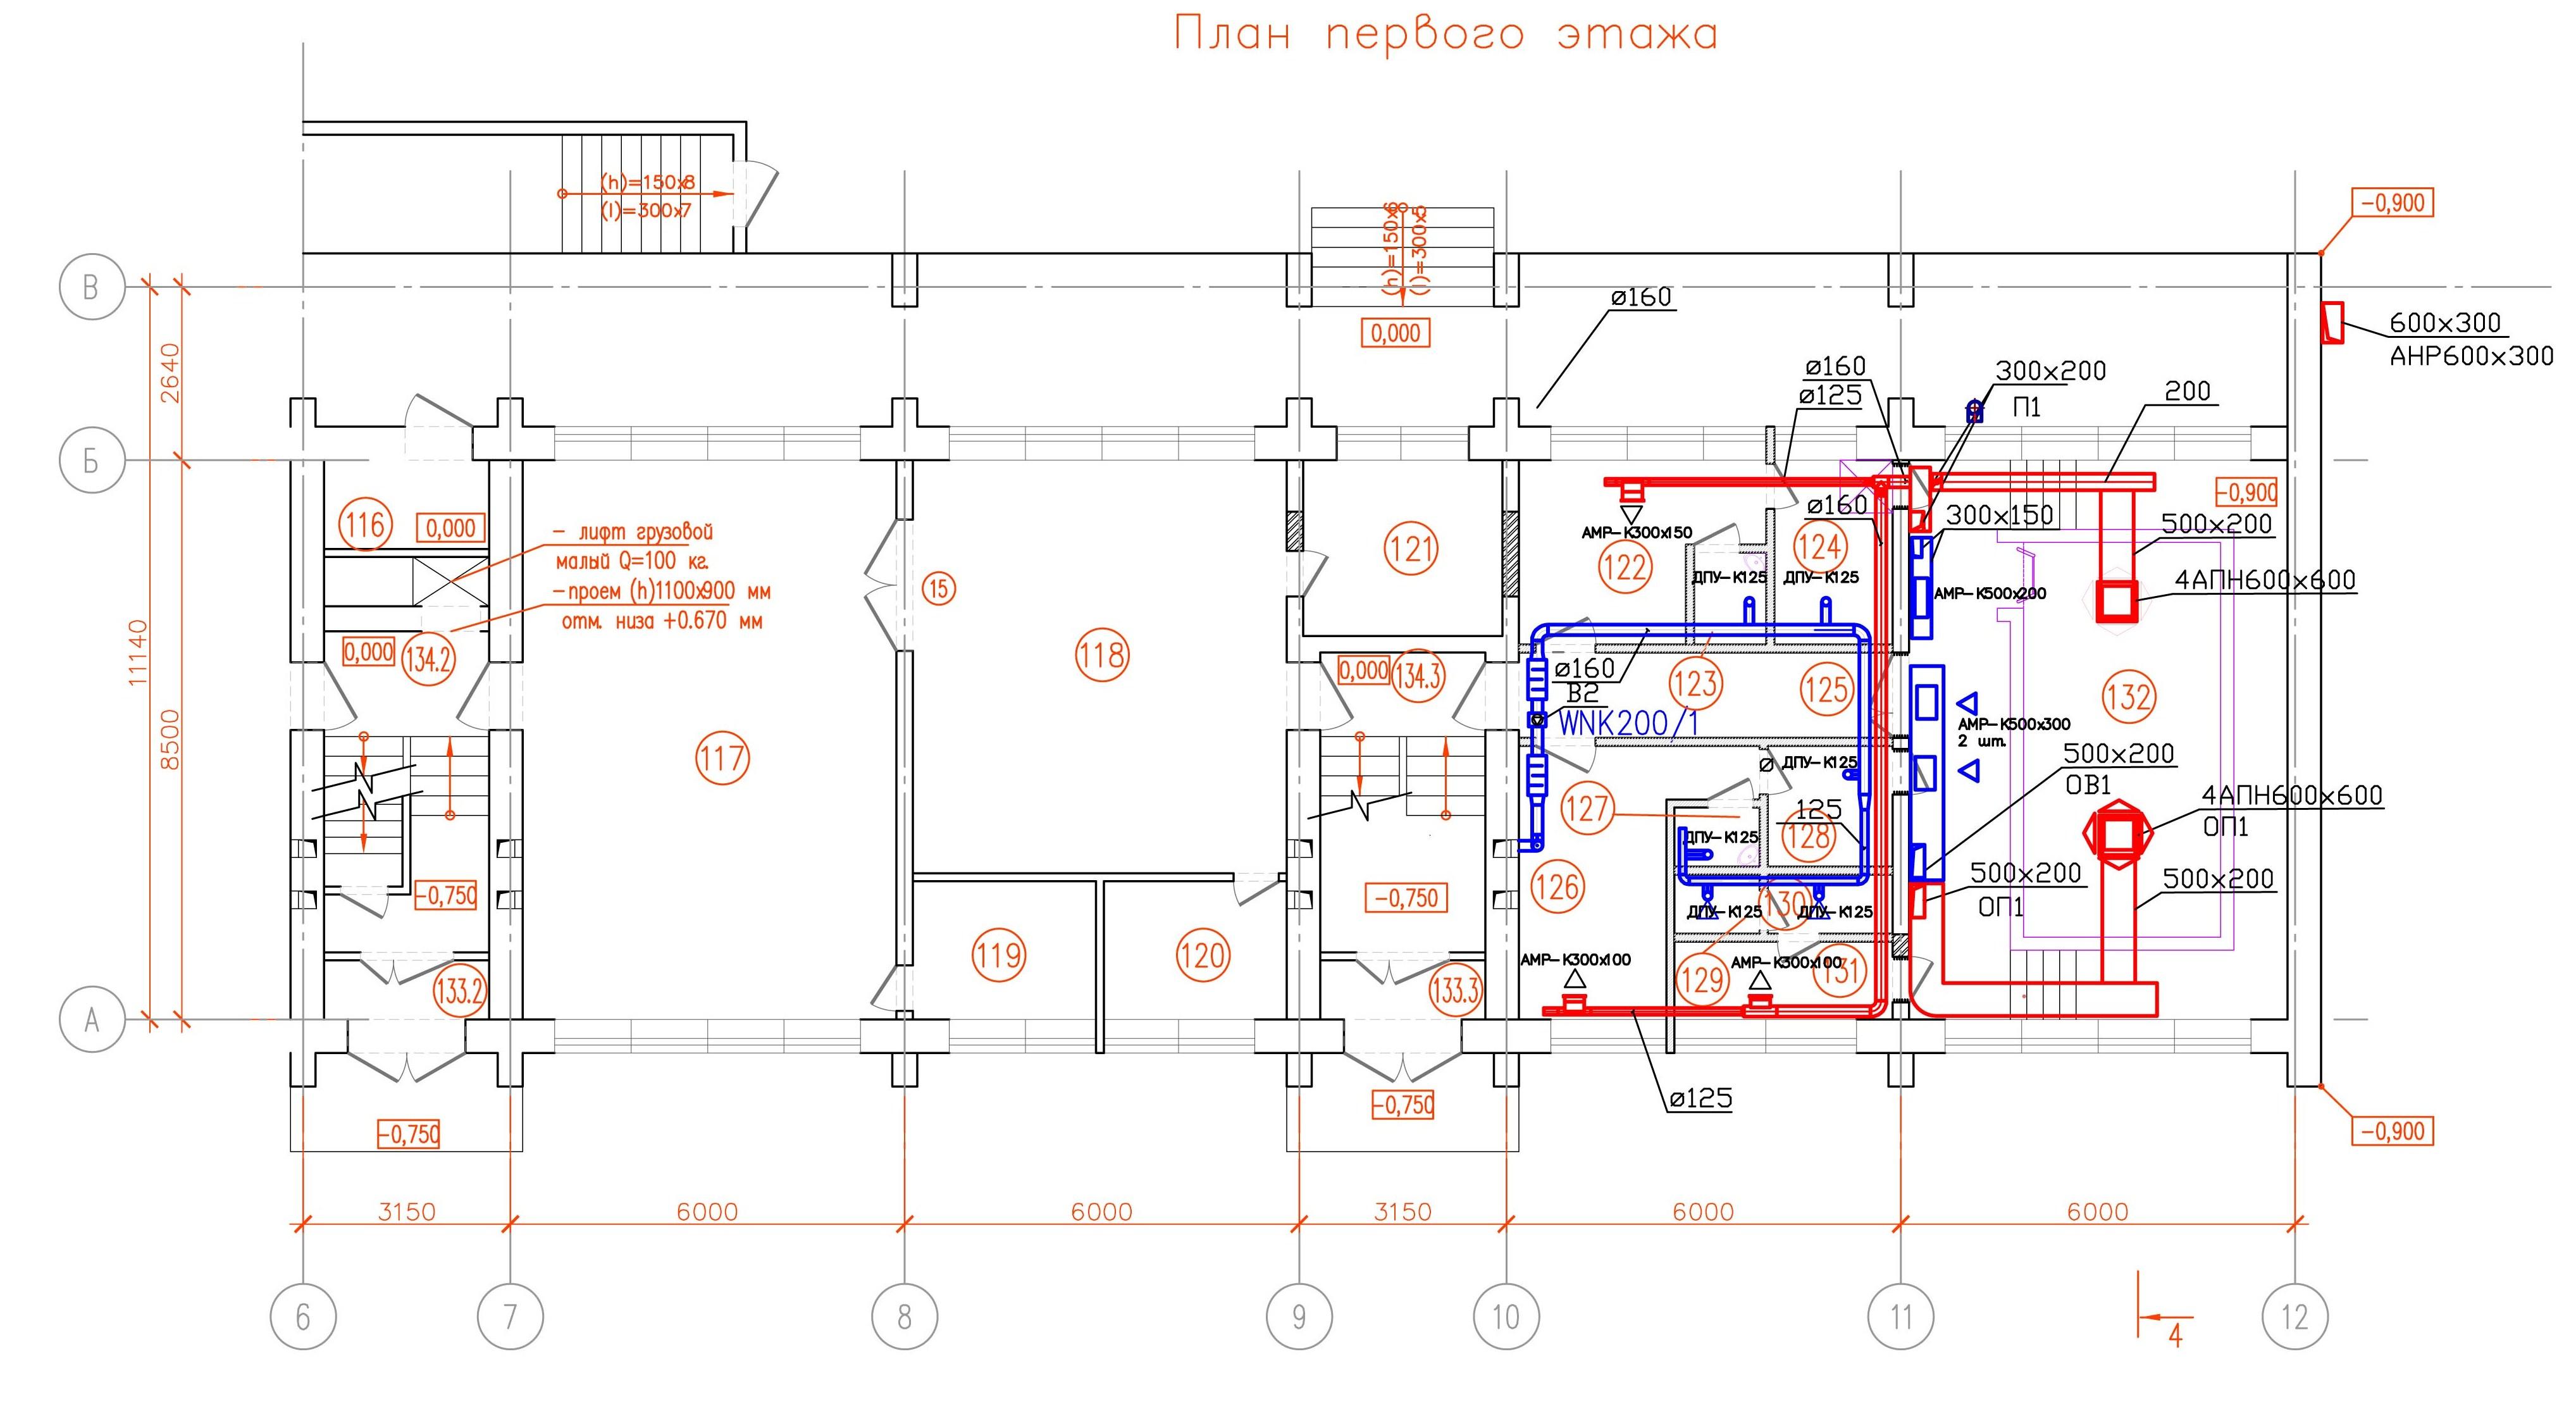 Начальник проектирование вентиляции электрощитовых нормы Психология, издательство